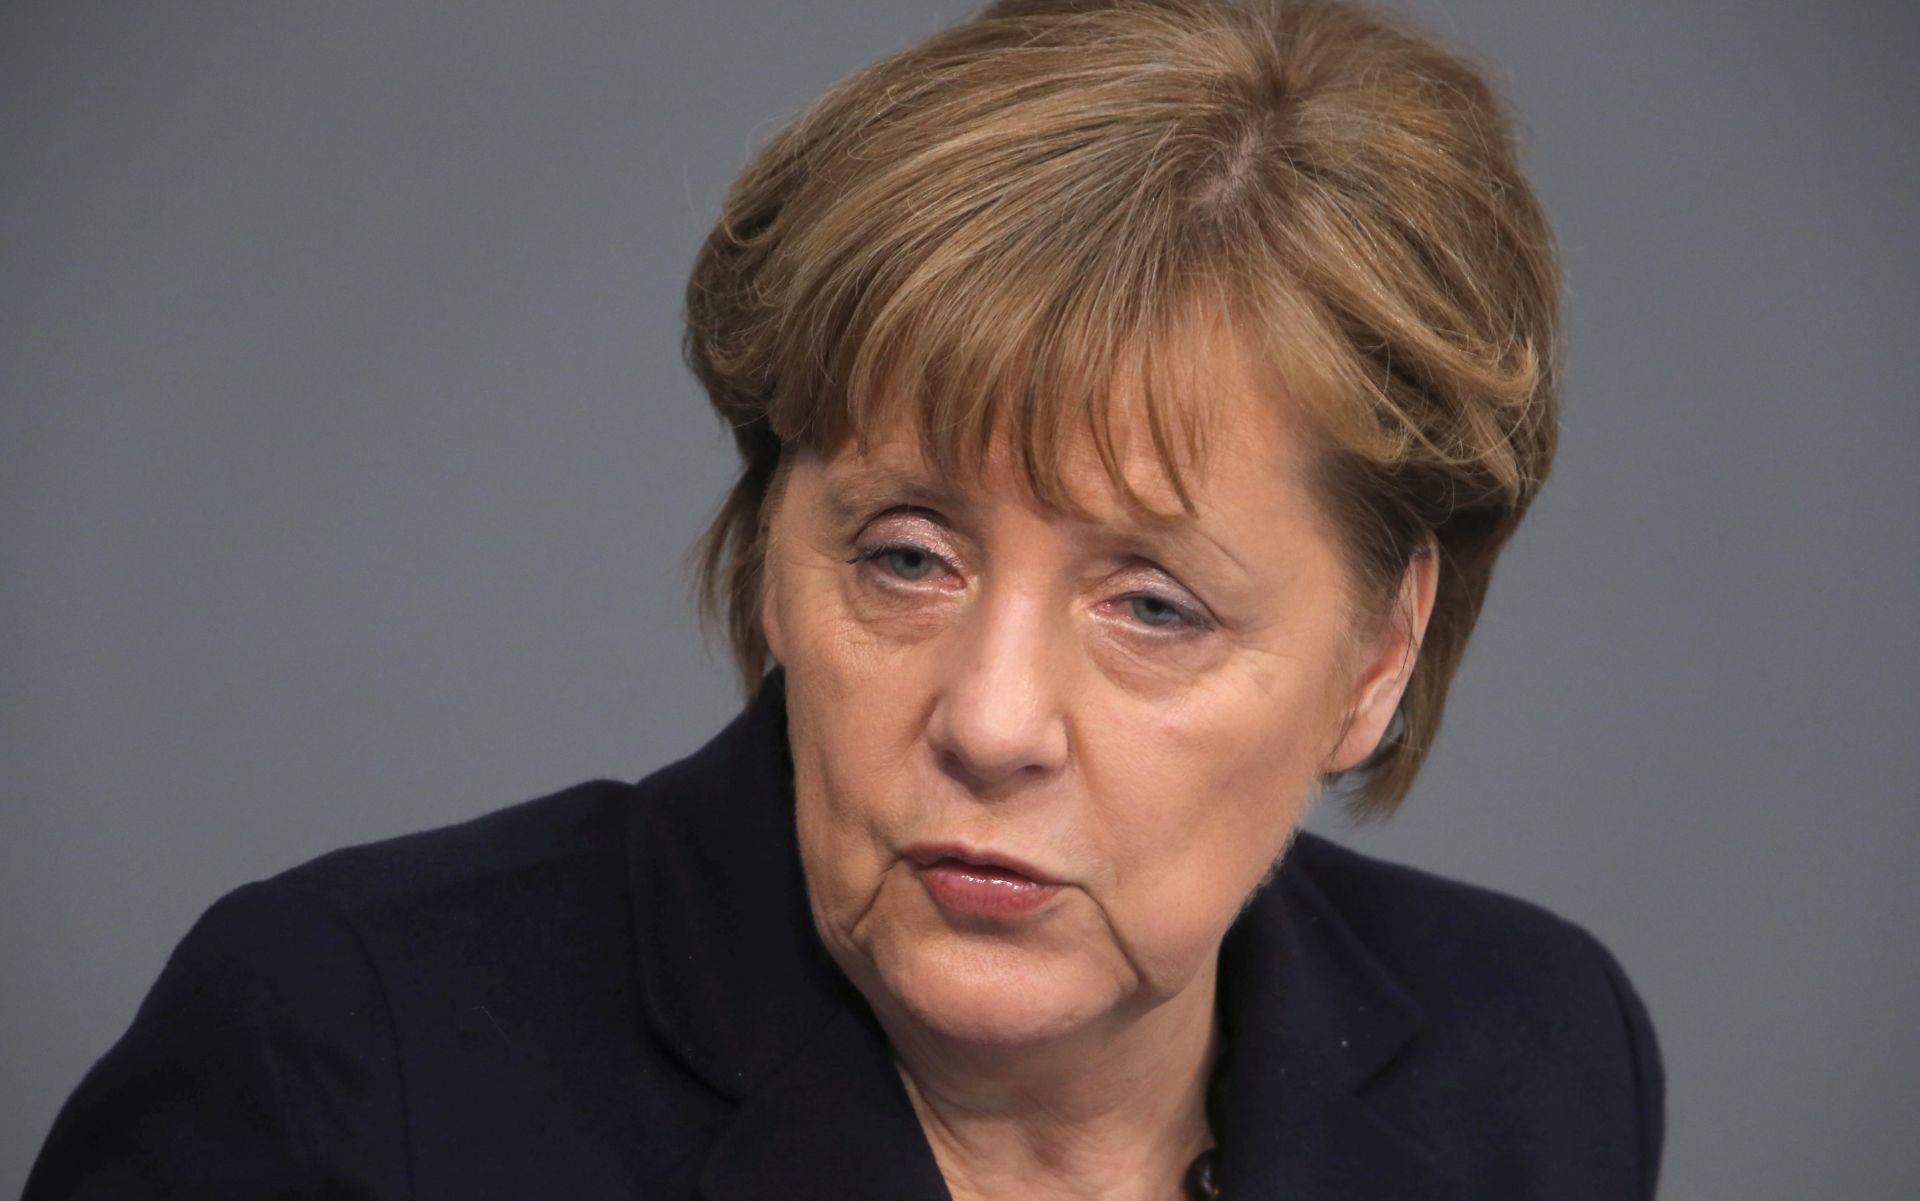 Merkel neizravno odgovorila Trumpu: 'Europljani drže sudbinu u vlastitim rukama'